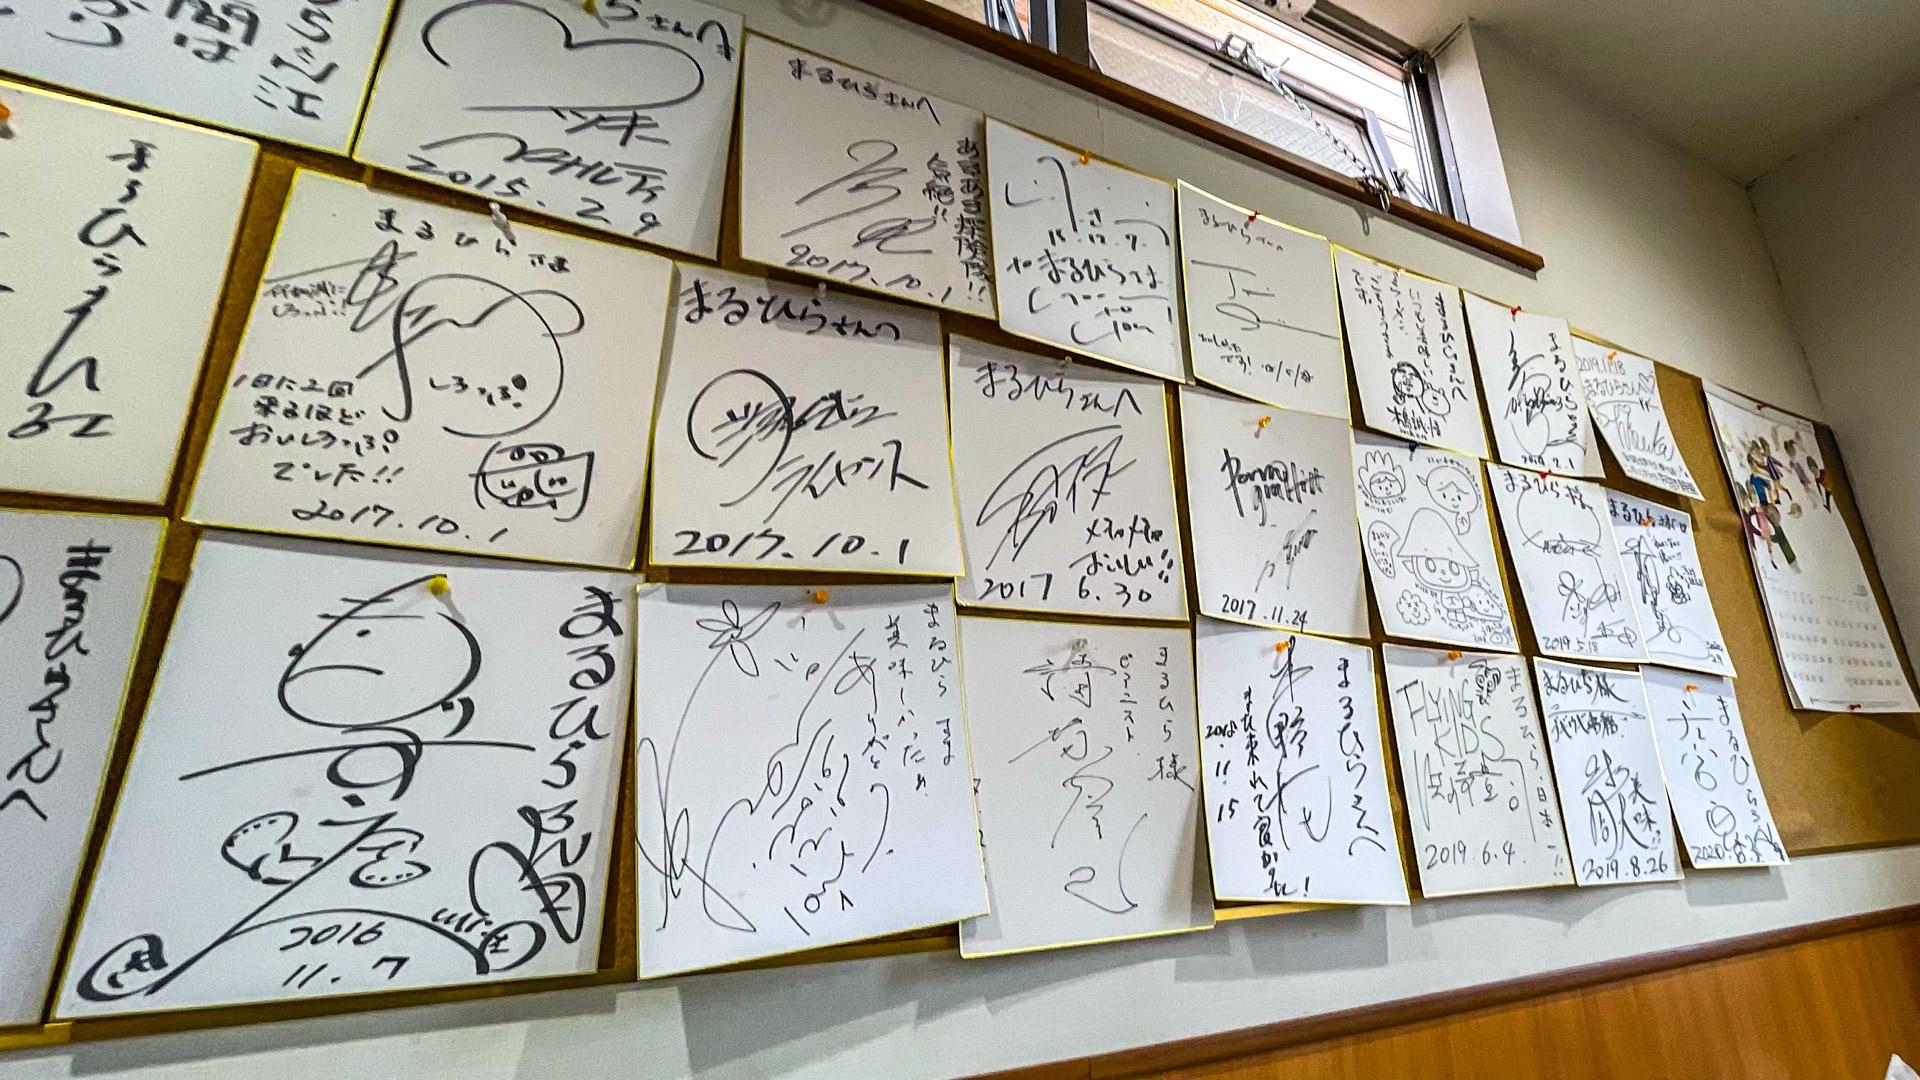 釧路ラーメン まるひら 有名人のサイン色紙